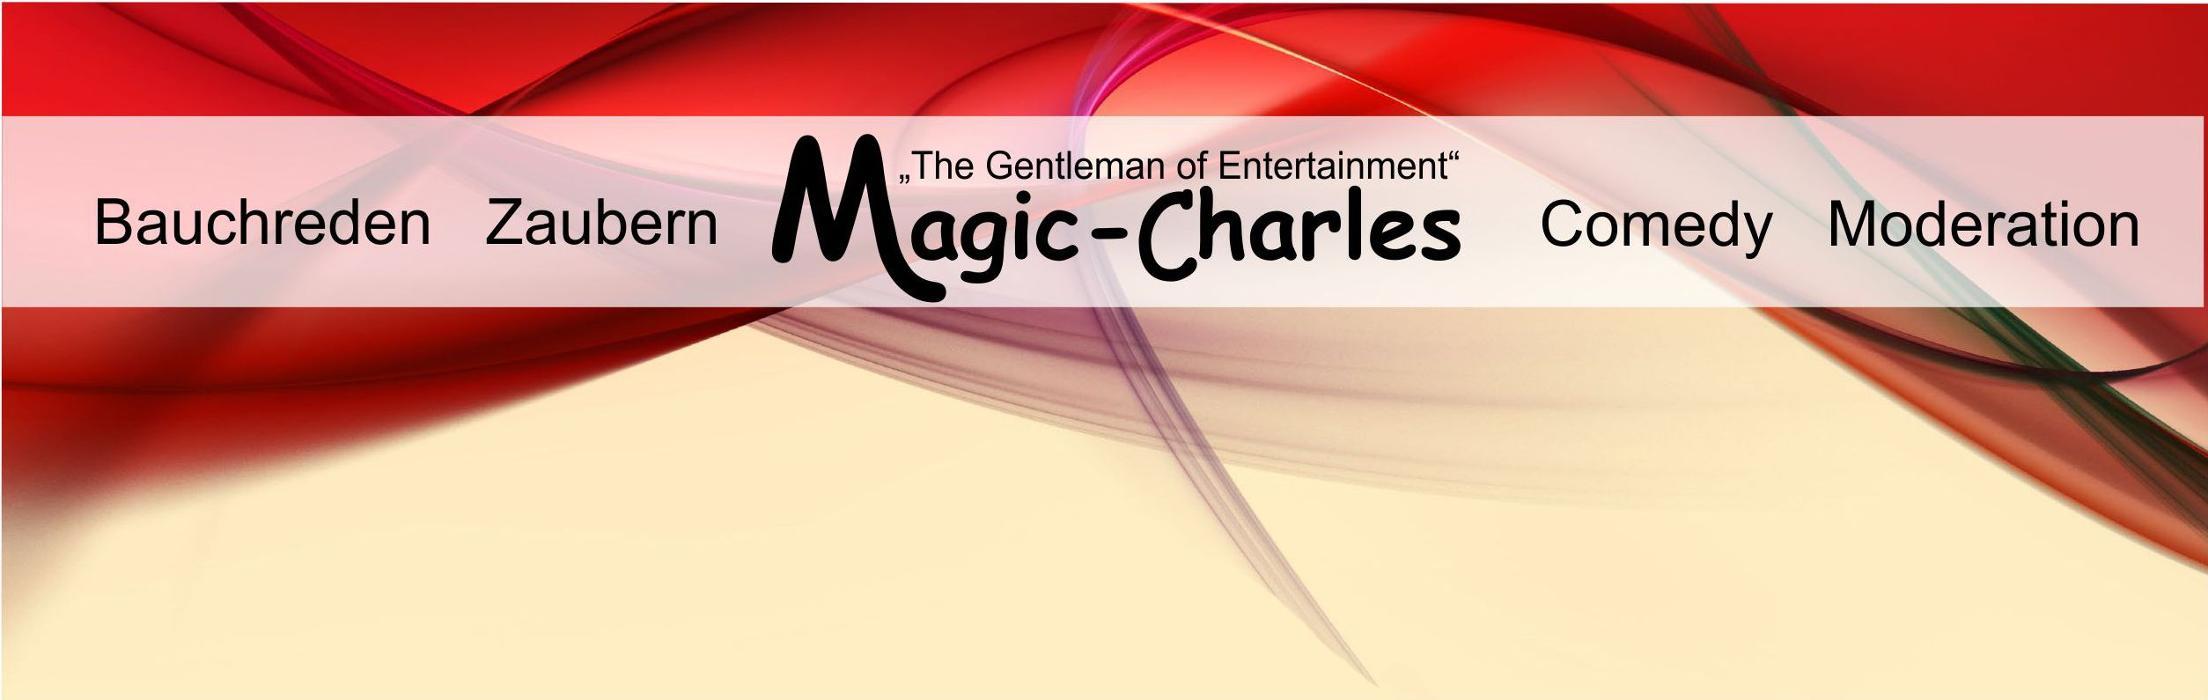 Logo von Zaubern Bauchreden Comedy Moderation, Magic-Charles